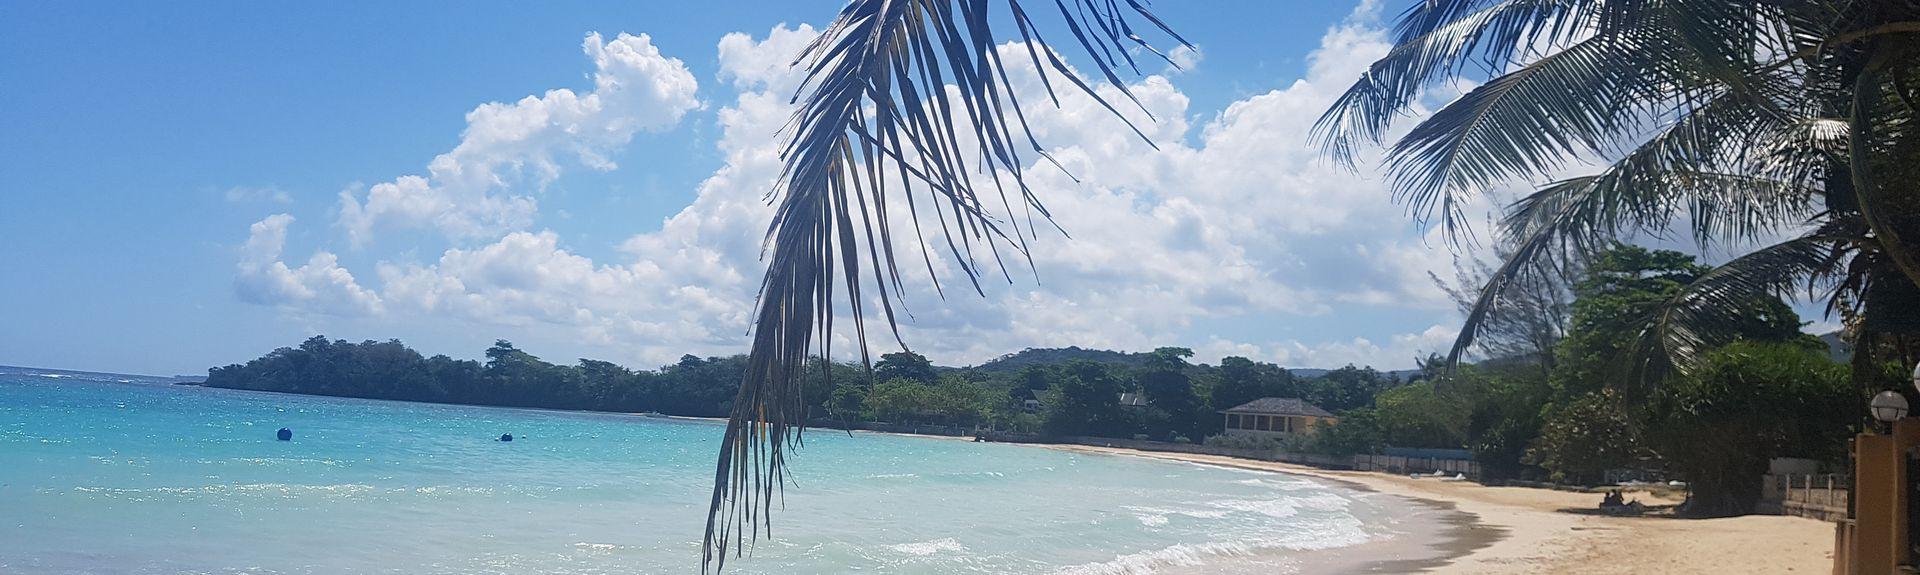 Mammee Bay Estates, Comté de Middlesex, Jamaïque